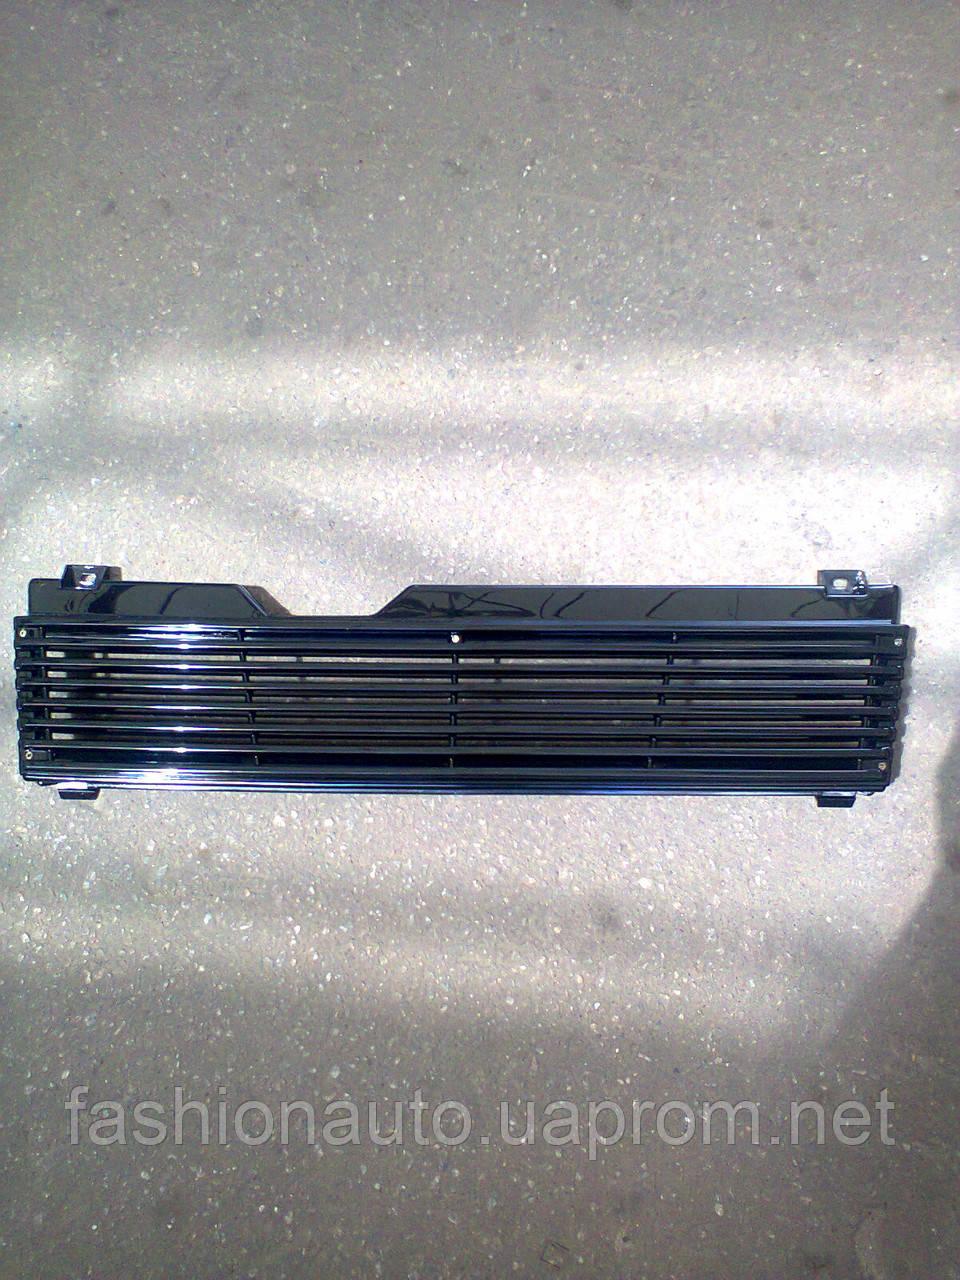 Решетка радиатора аналог Maretti ВАЗ 2108-09-099